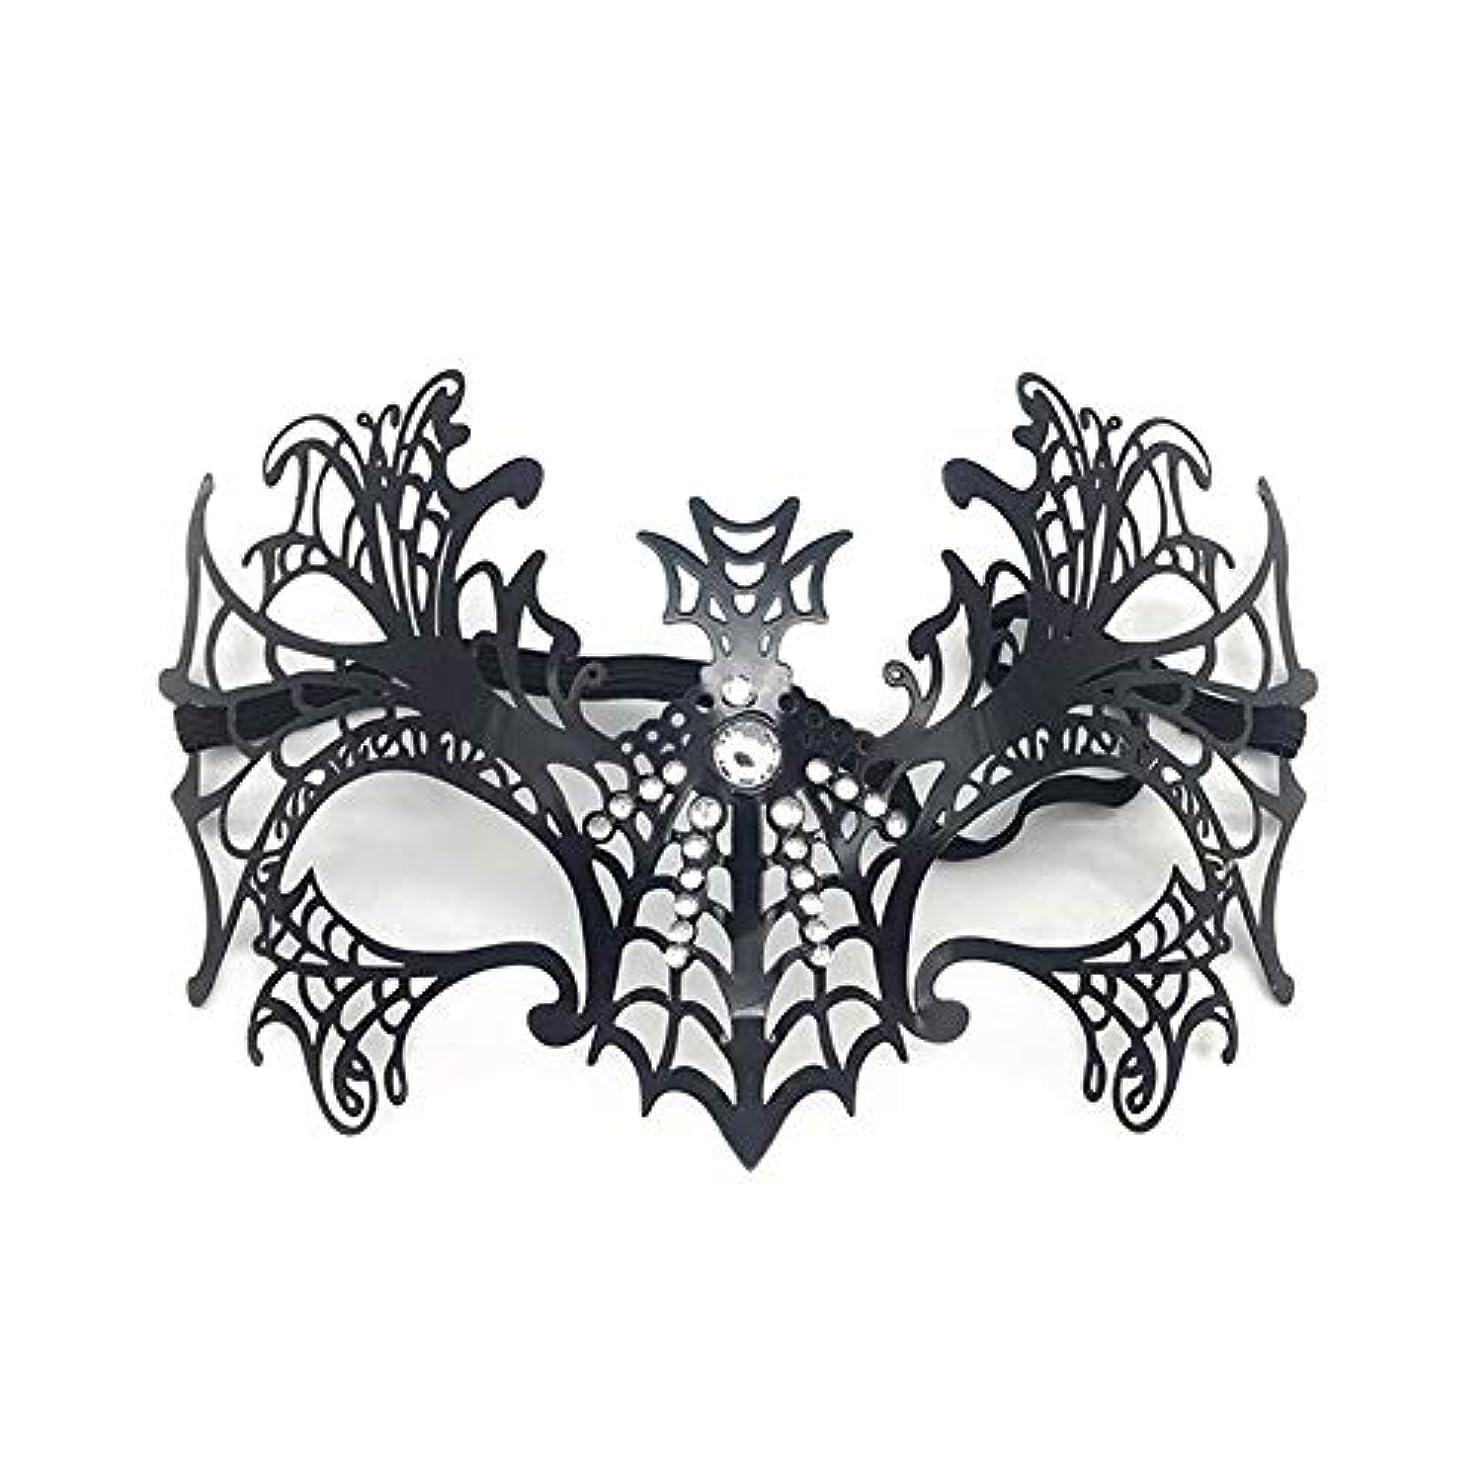 好ましいたまにレシピダンスマスク バットパーティーセクシーカットアウトハーフフェイスメタルダイヤモンドダイヤモンド女性用仮面舞踏会マスク ホリデーパーティー用品 (色 : ブラック, サイズ : 19x10.5cm)